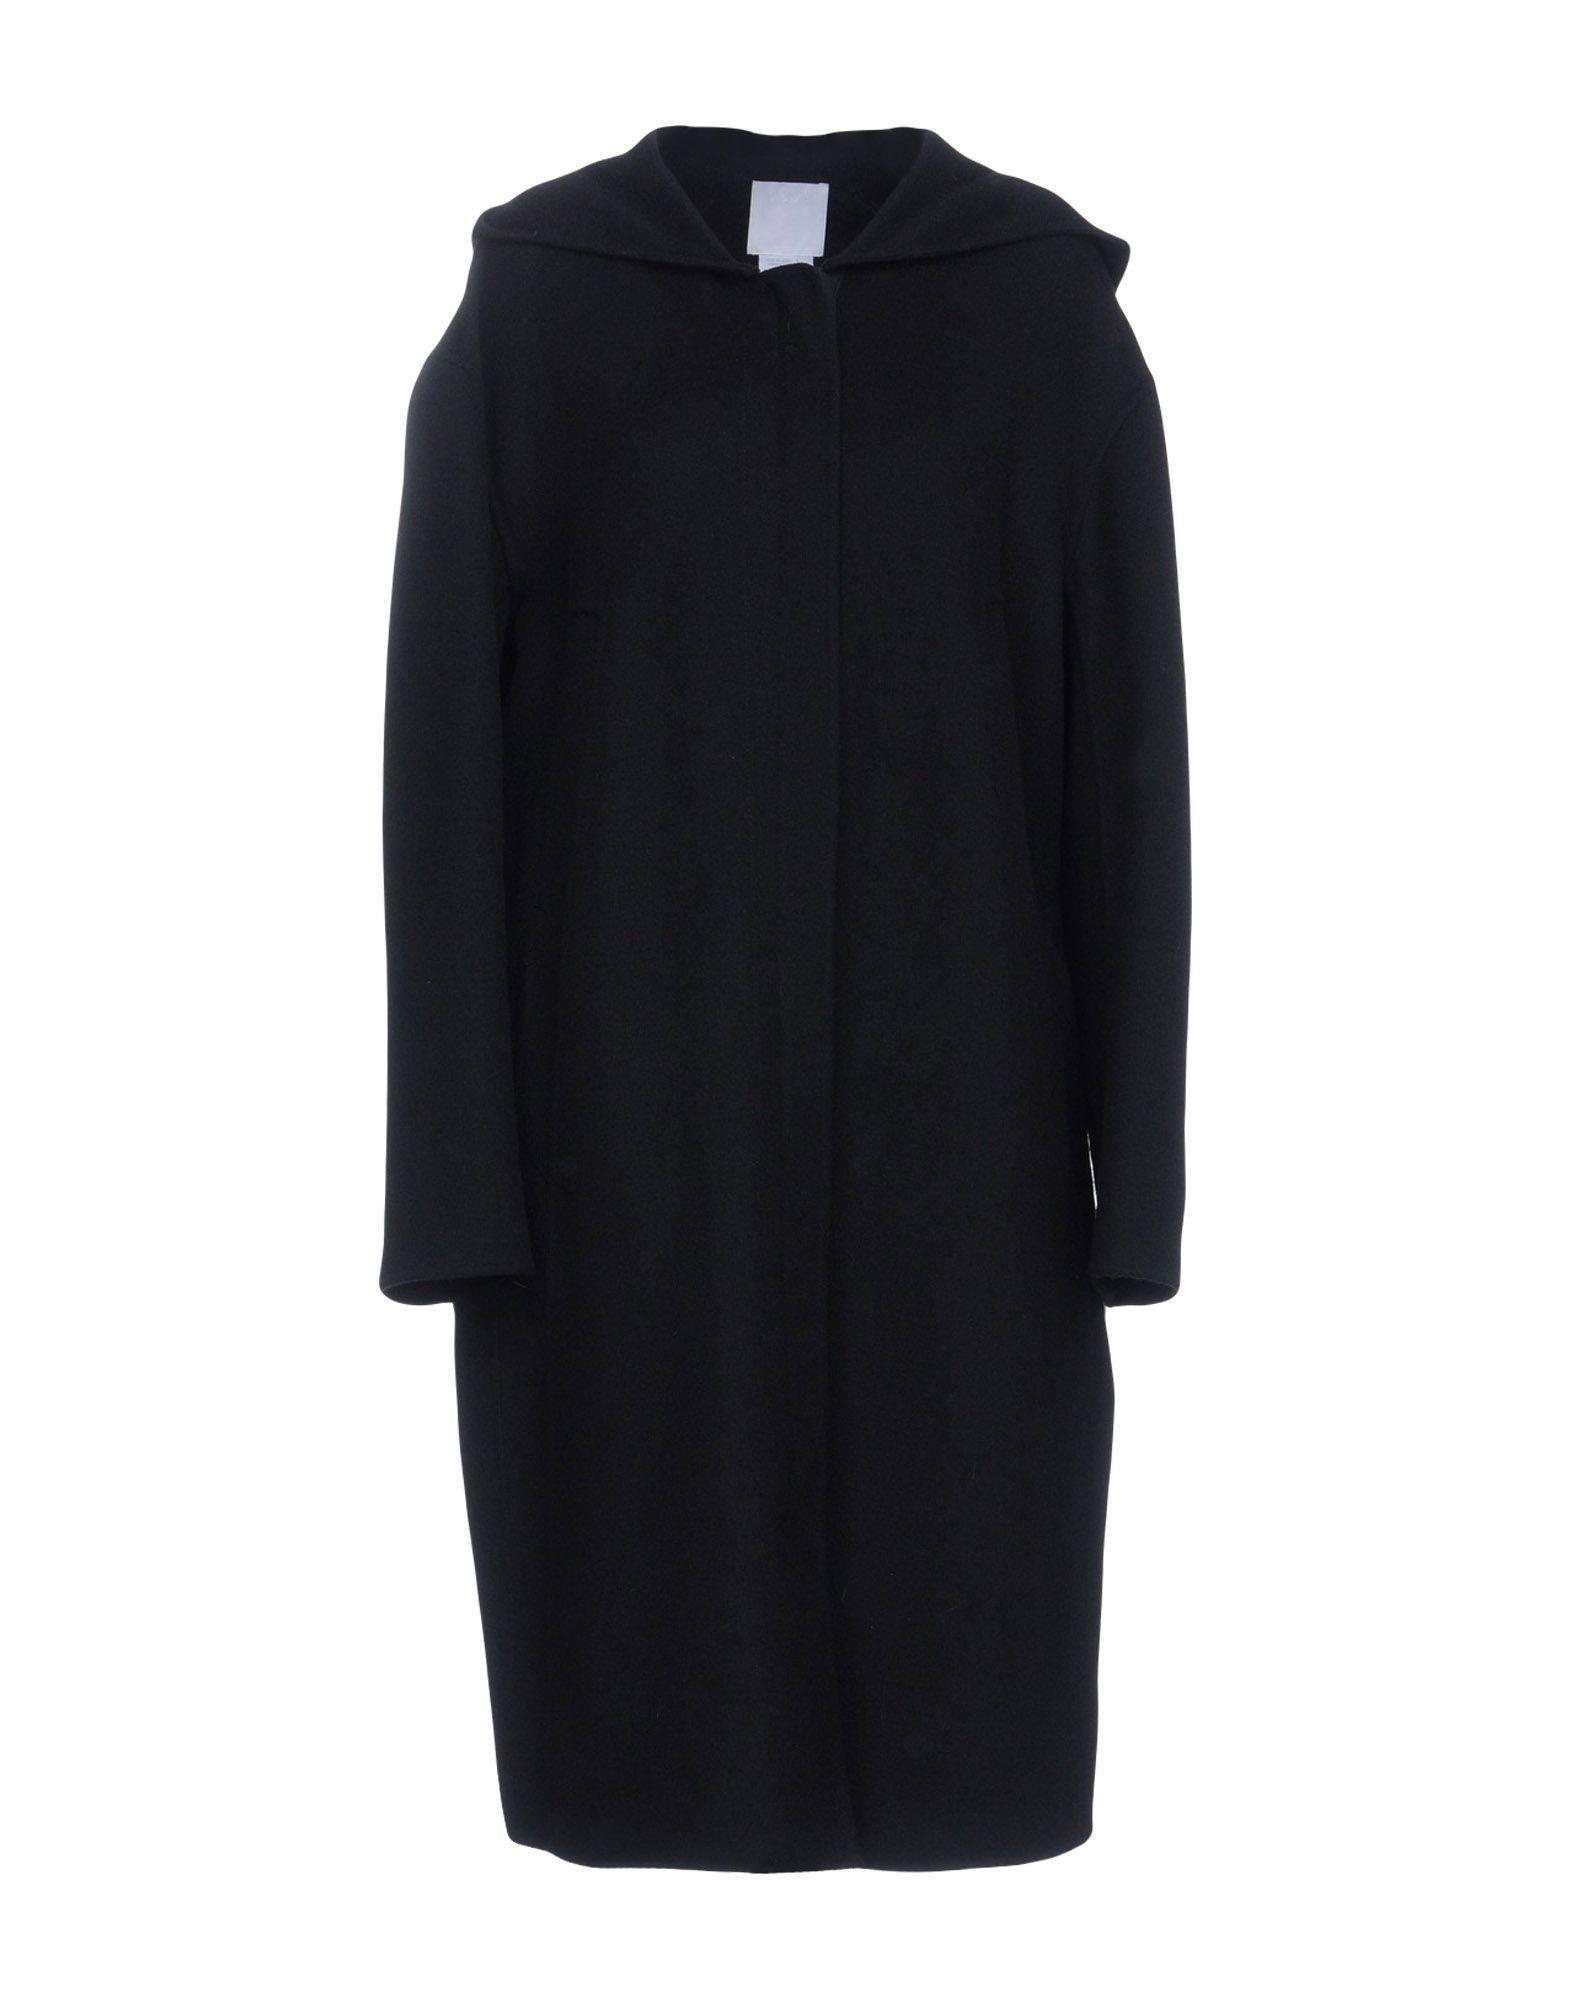 Dkny Coat In Black